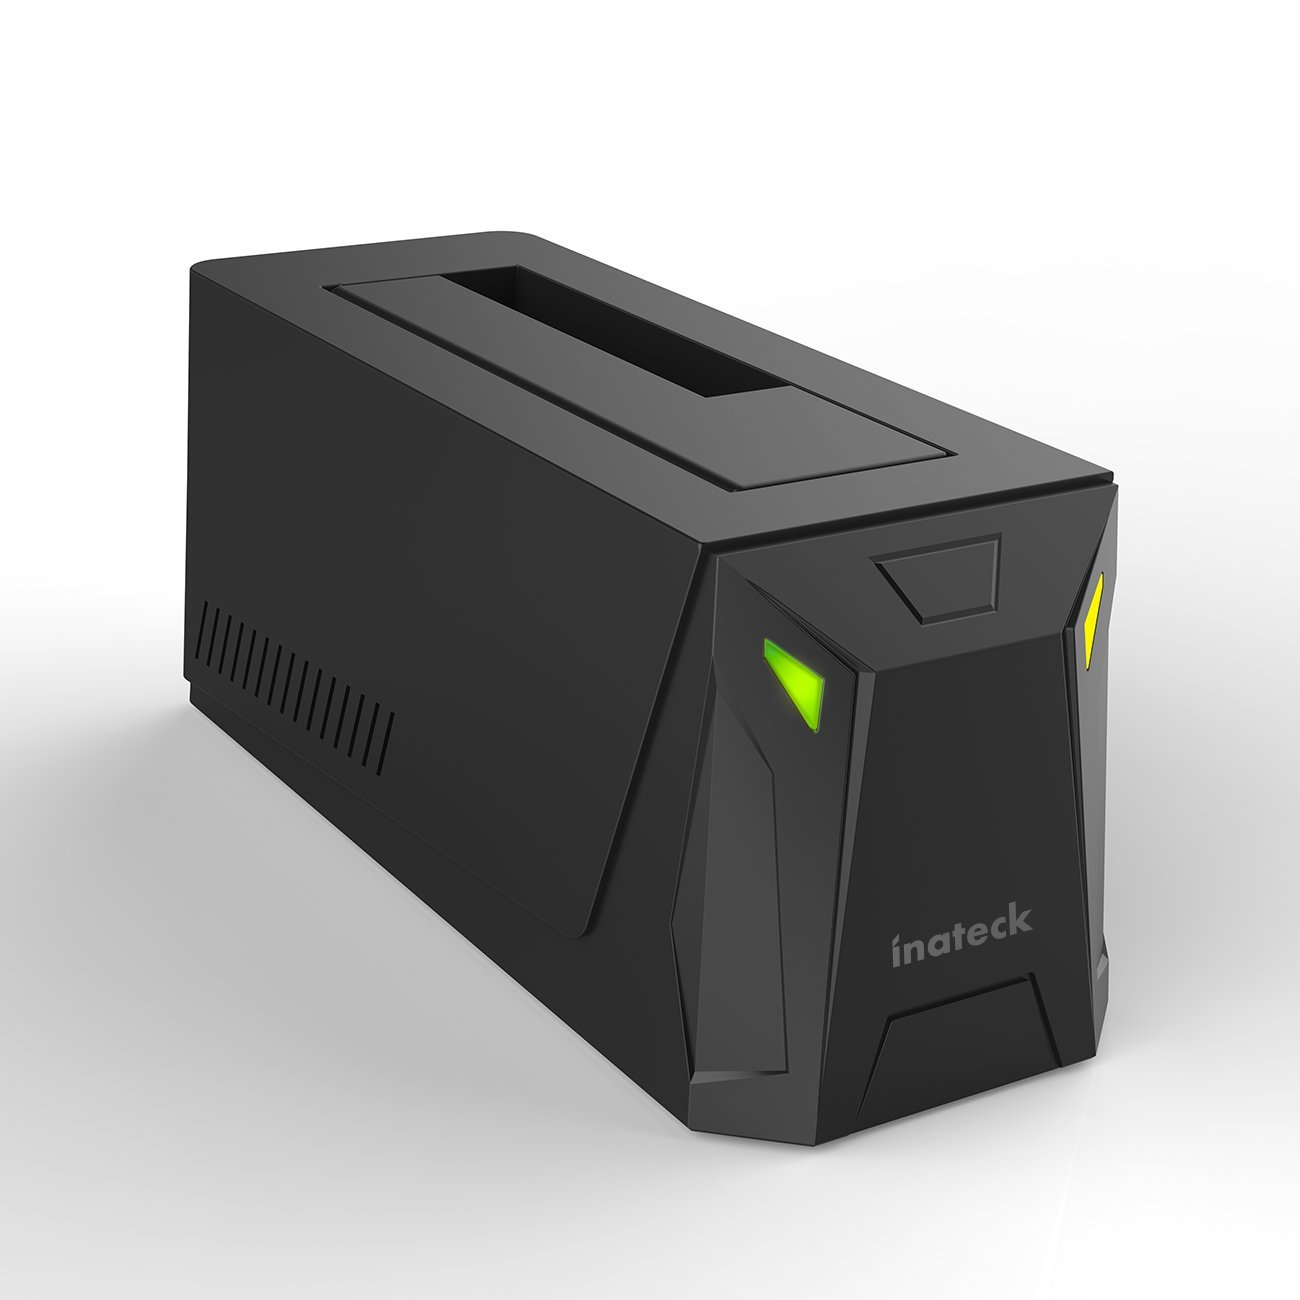 Le docking station per hard drive Inateck, ottimi strumenti per fotografi e videomaker